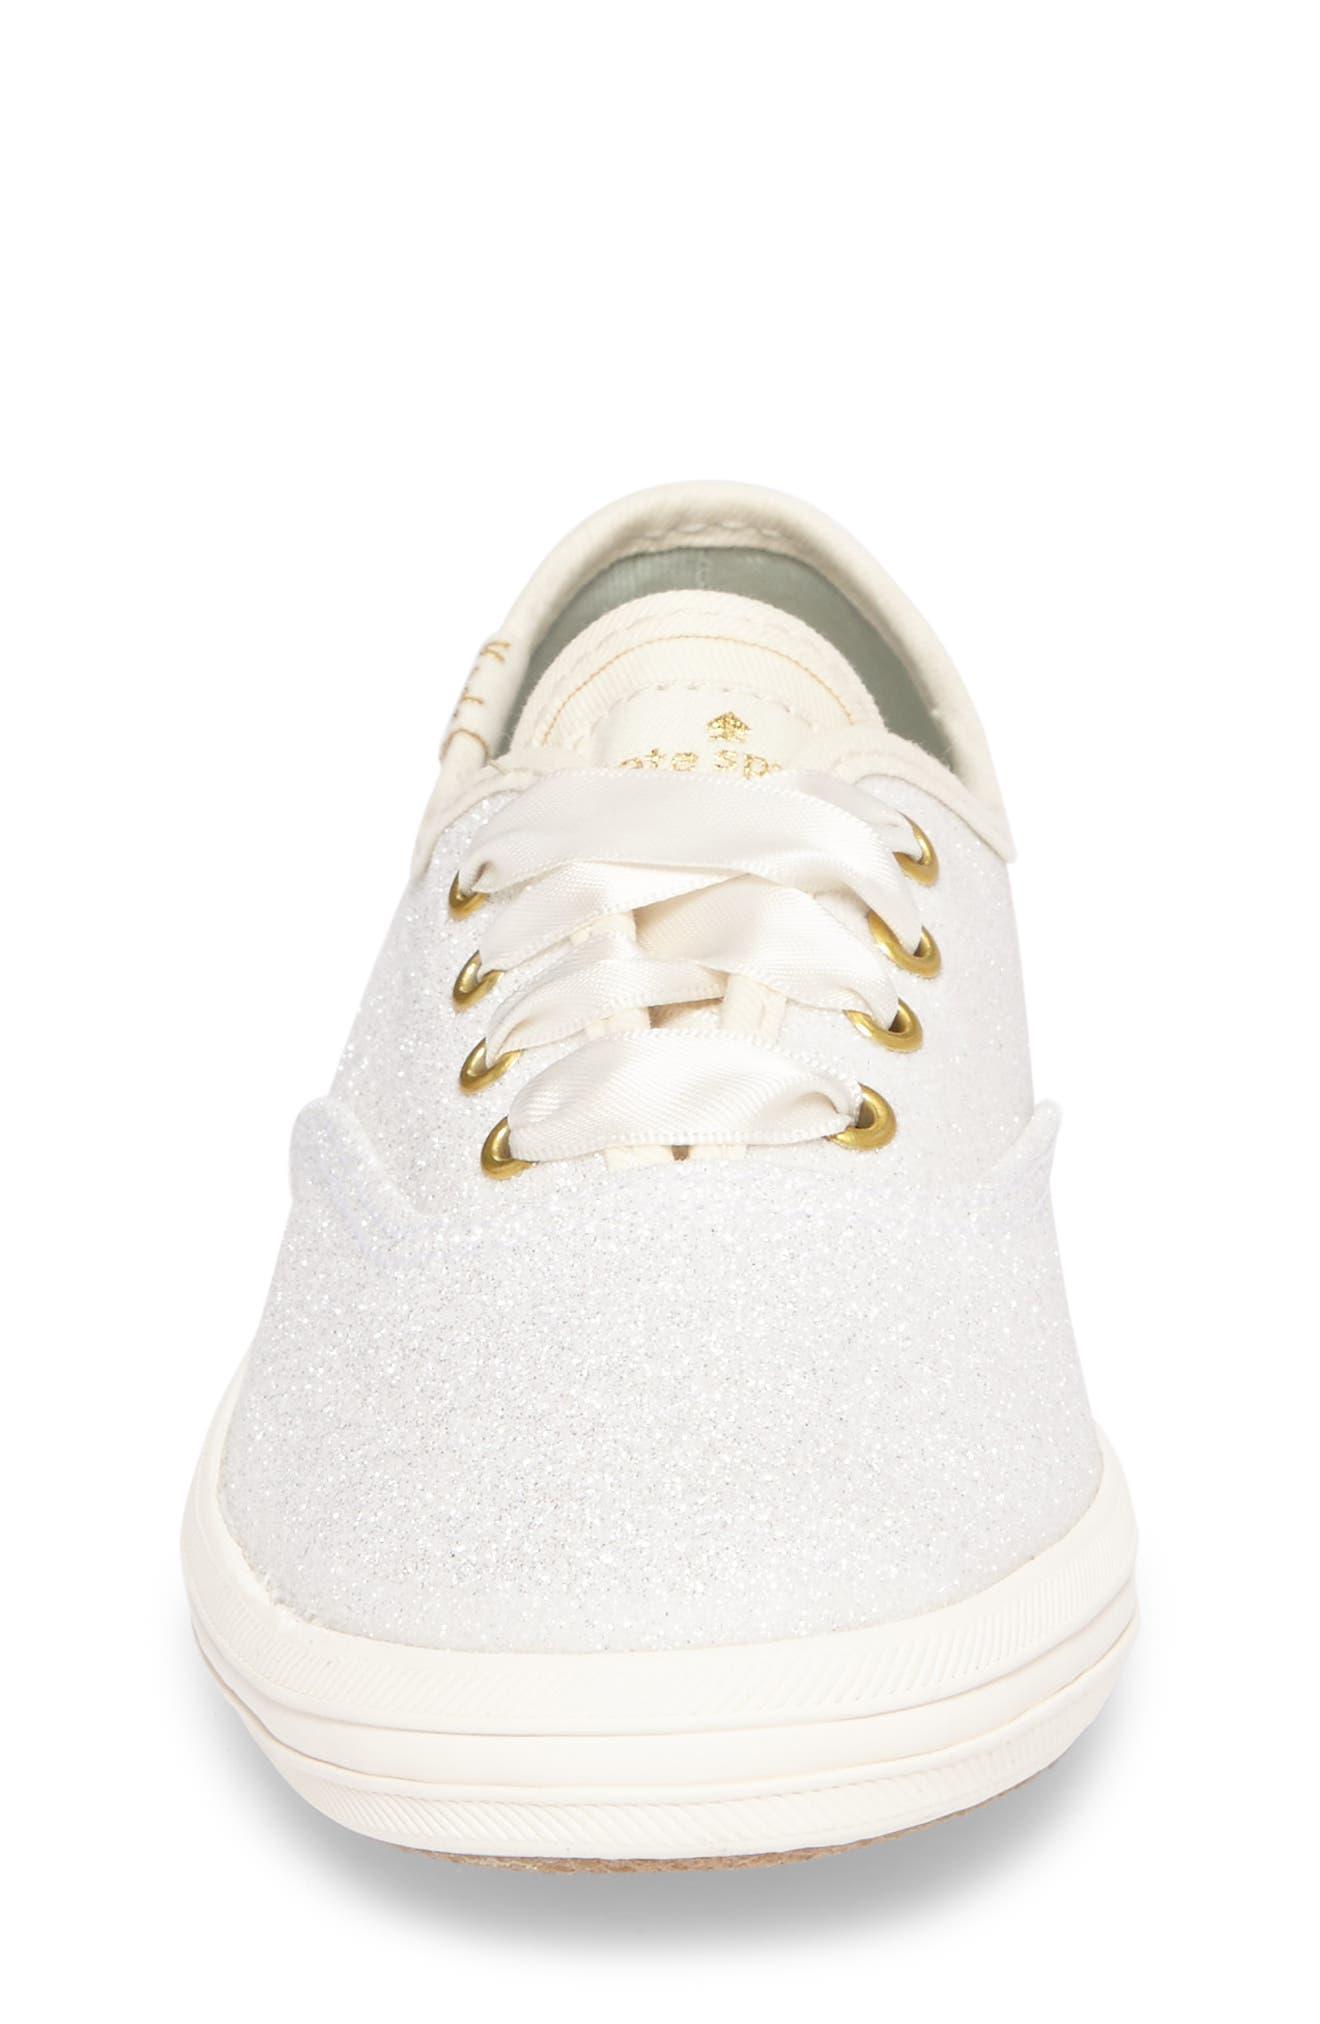 x kate spade new york Champion Glitter Sneaker,                             Alternate thumbnail 4, color,                             CREAM